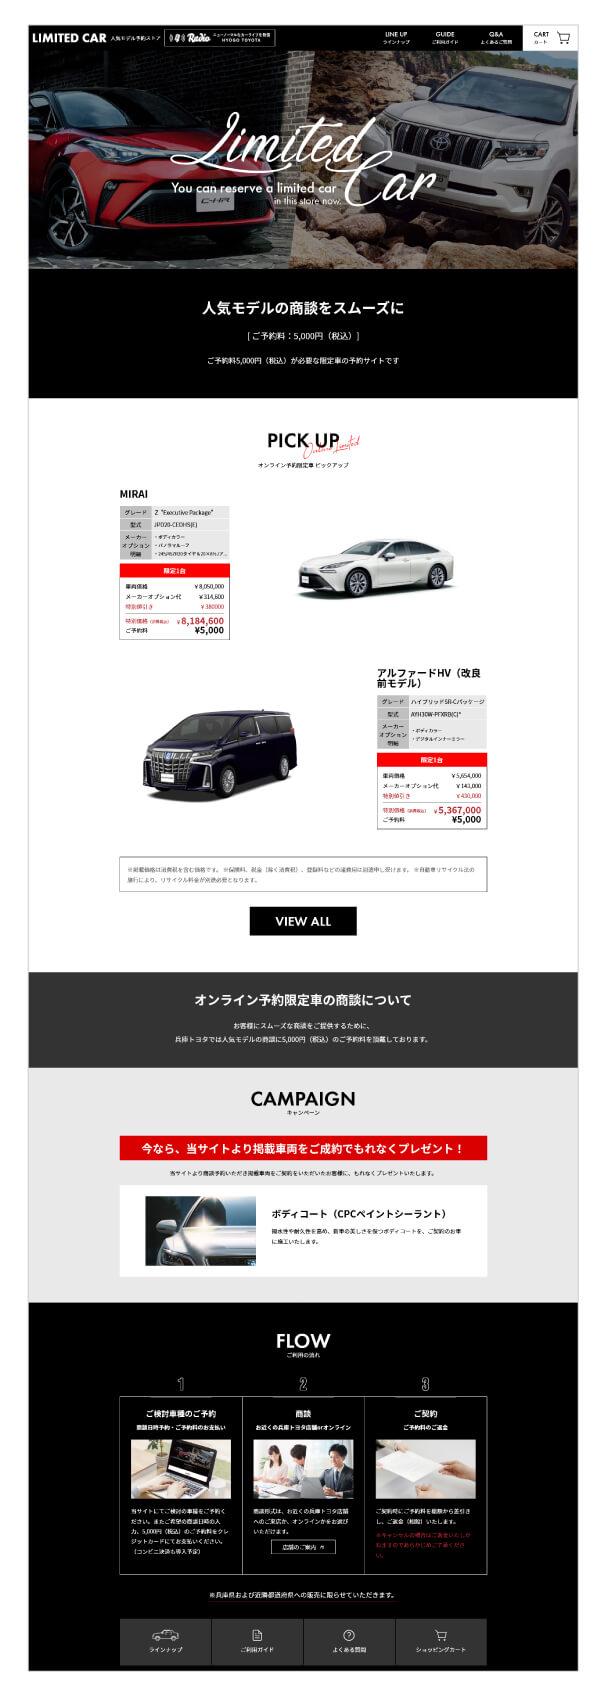 兵庫トヨタ自動車株式会社様